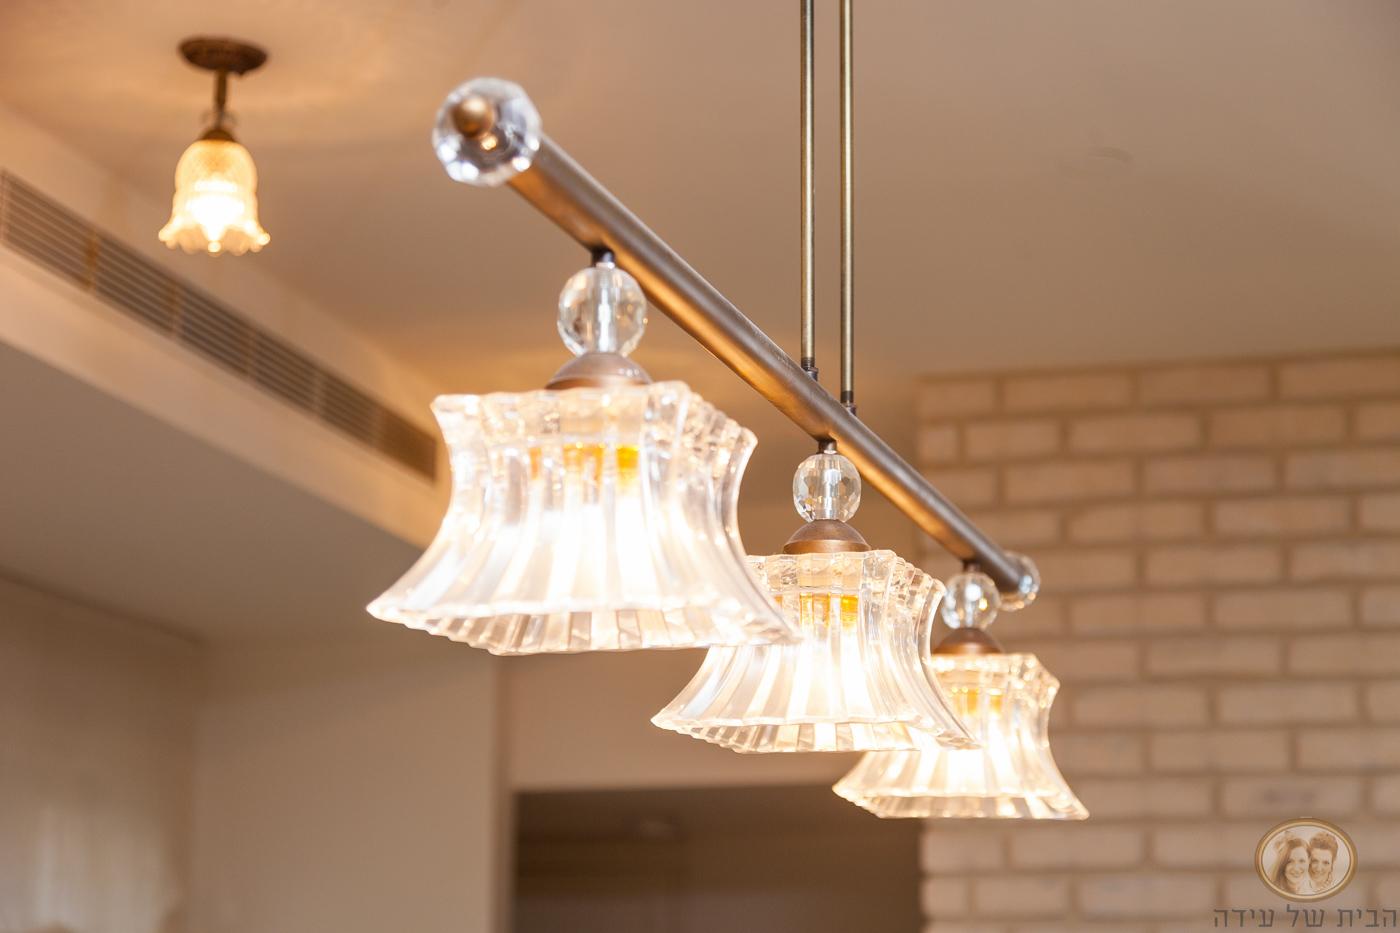 תאורה מעל אי למטבח